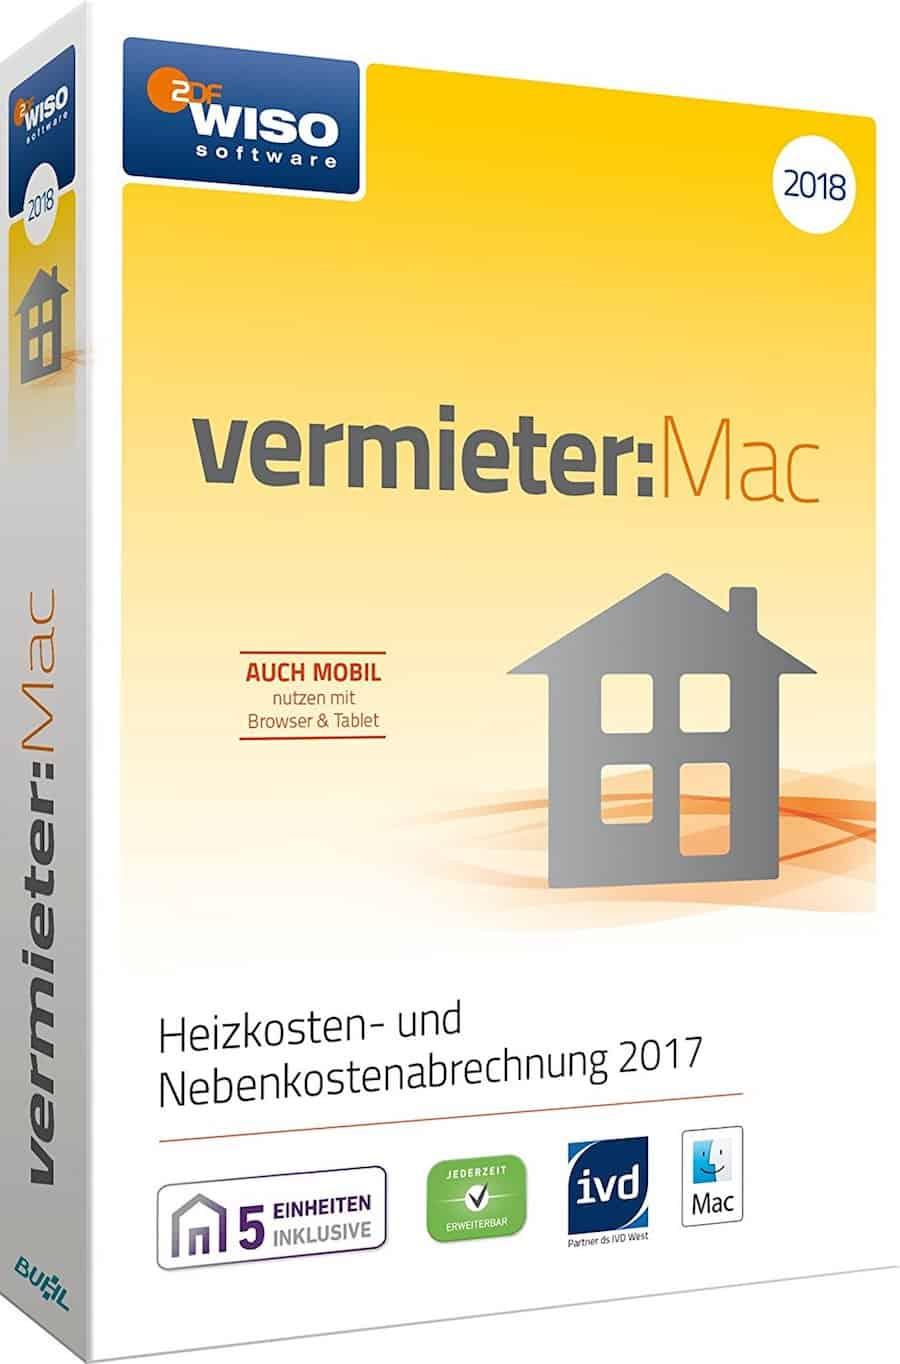 WISO Vermieter Mac